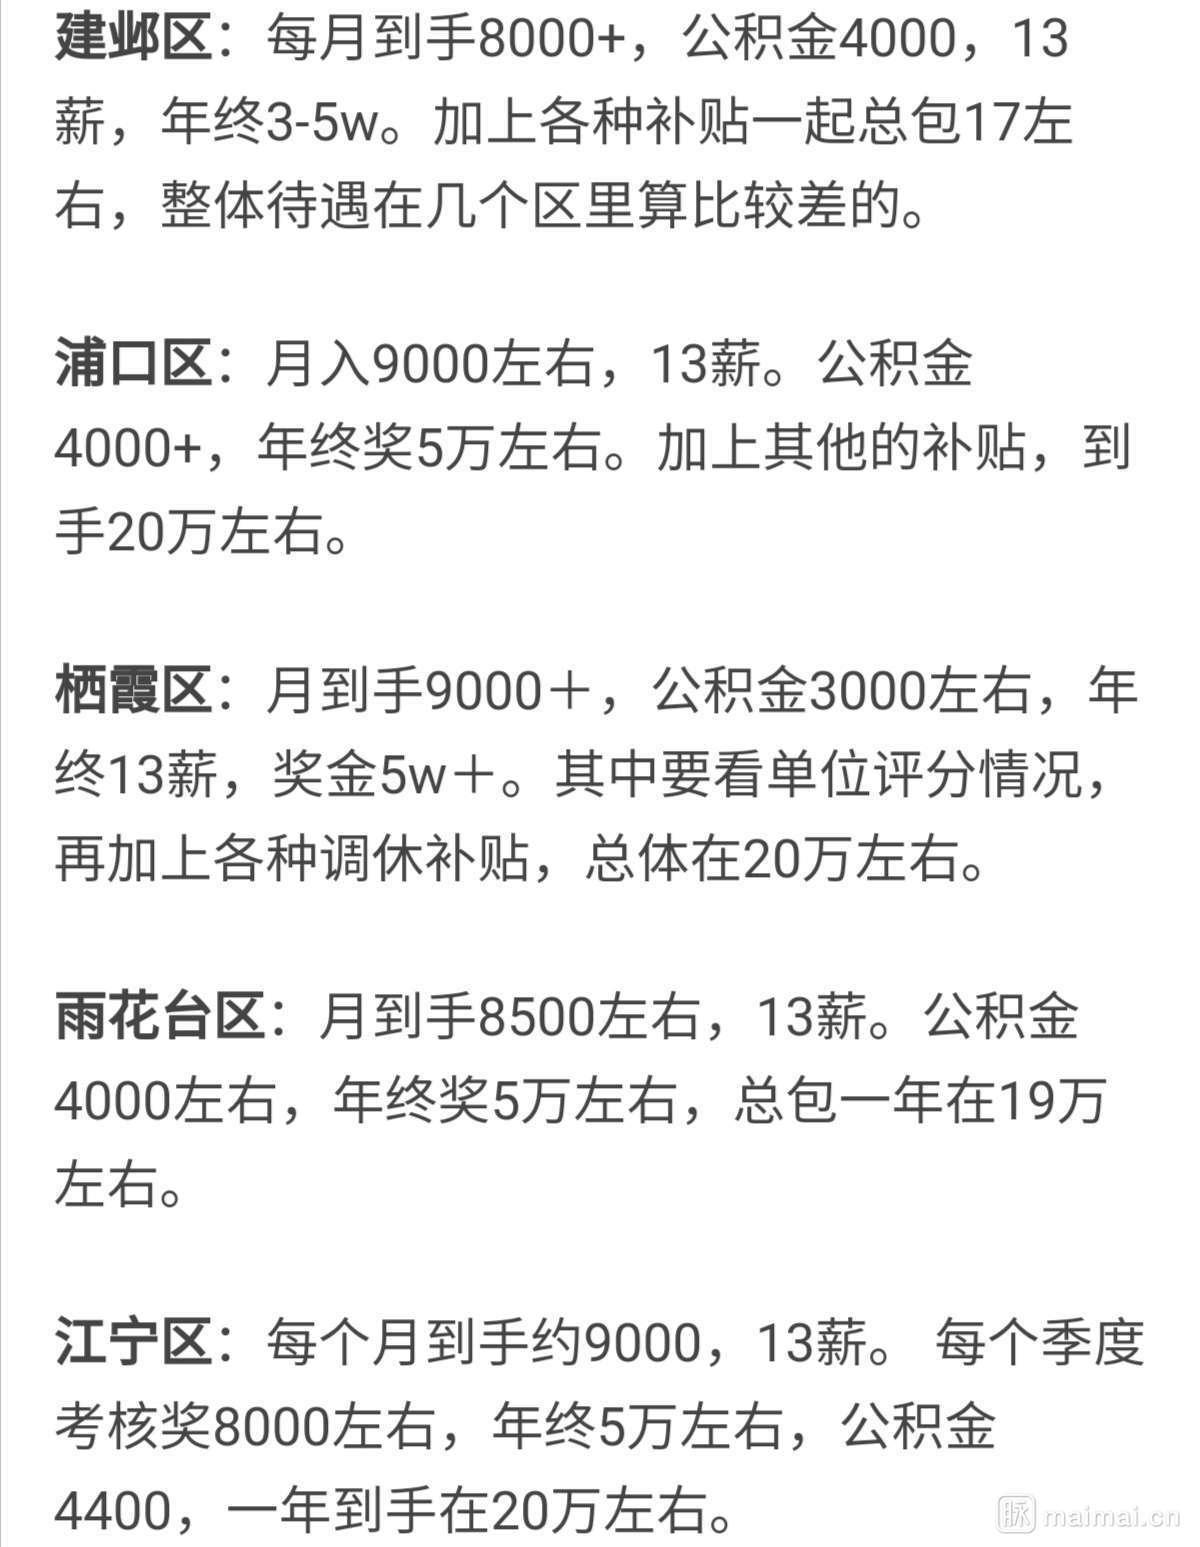 211硕士去年上岸南京市区公务员,一个月到手7000多,…